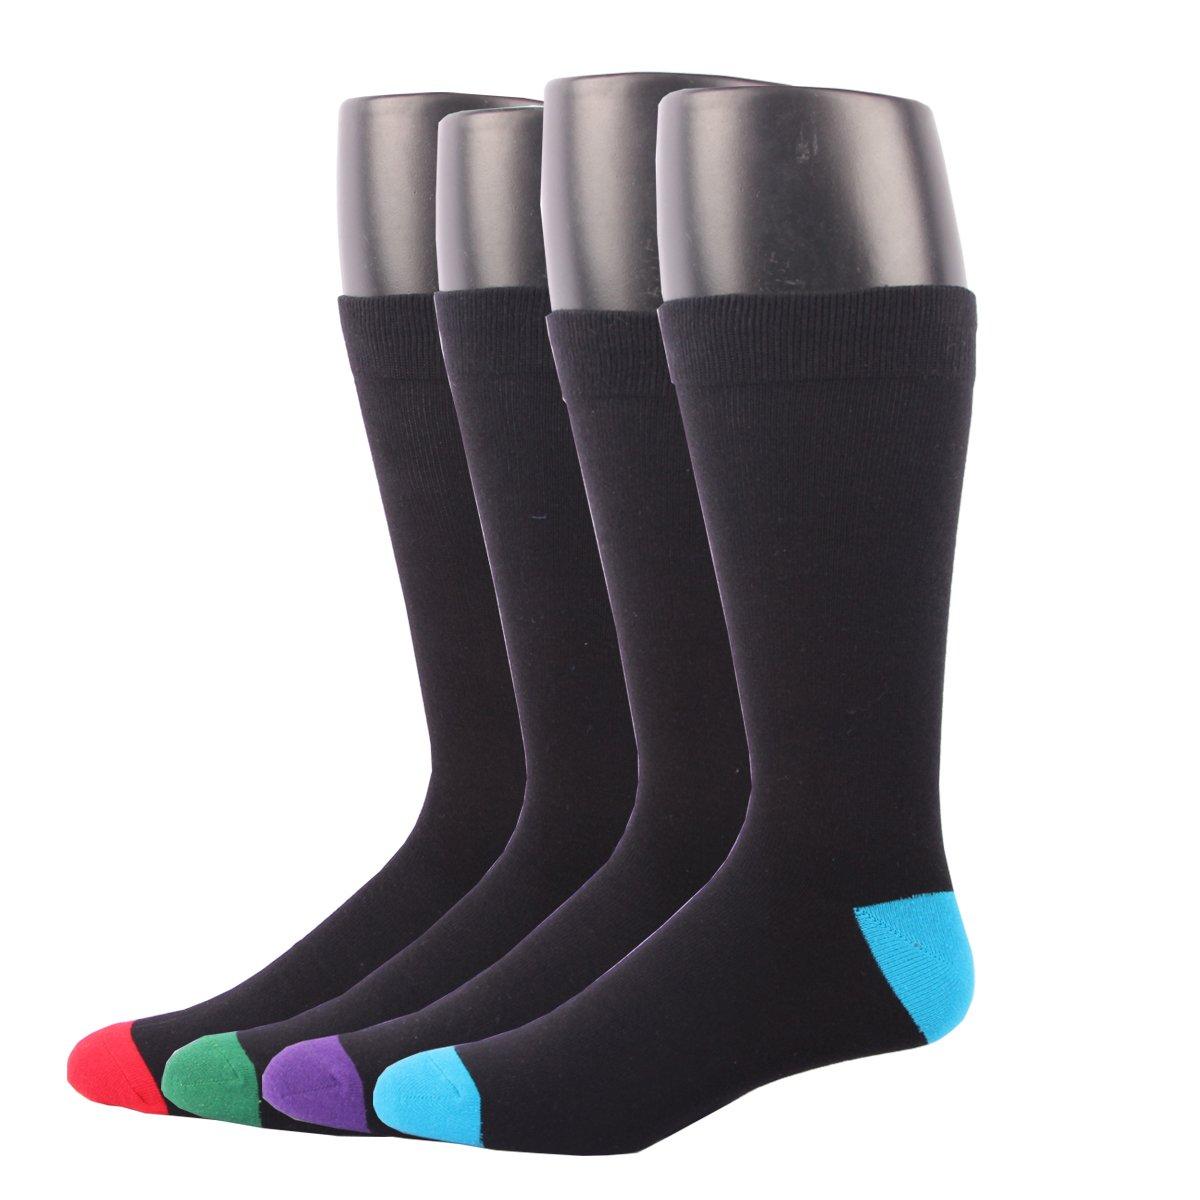 RioRiva Men's Dress Socks Mid Calf Crew Tube Socks for Business Grey Black Navy,BSK05 - Pack of 4,One Size